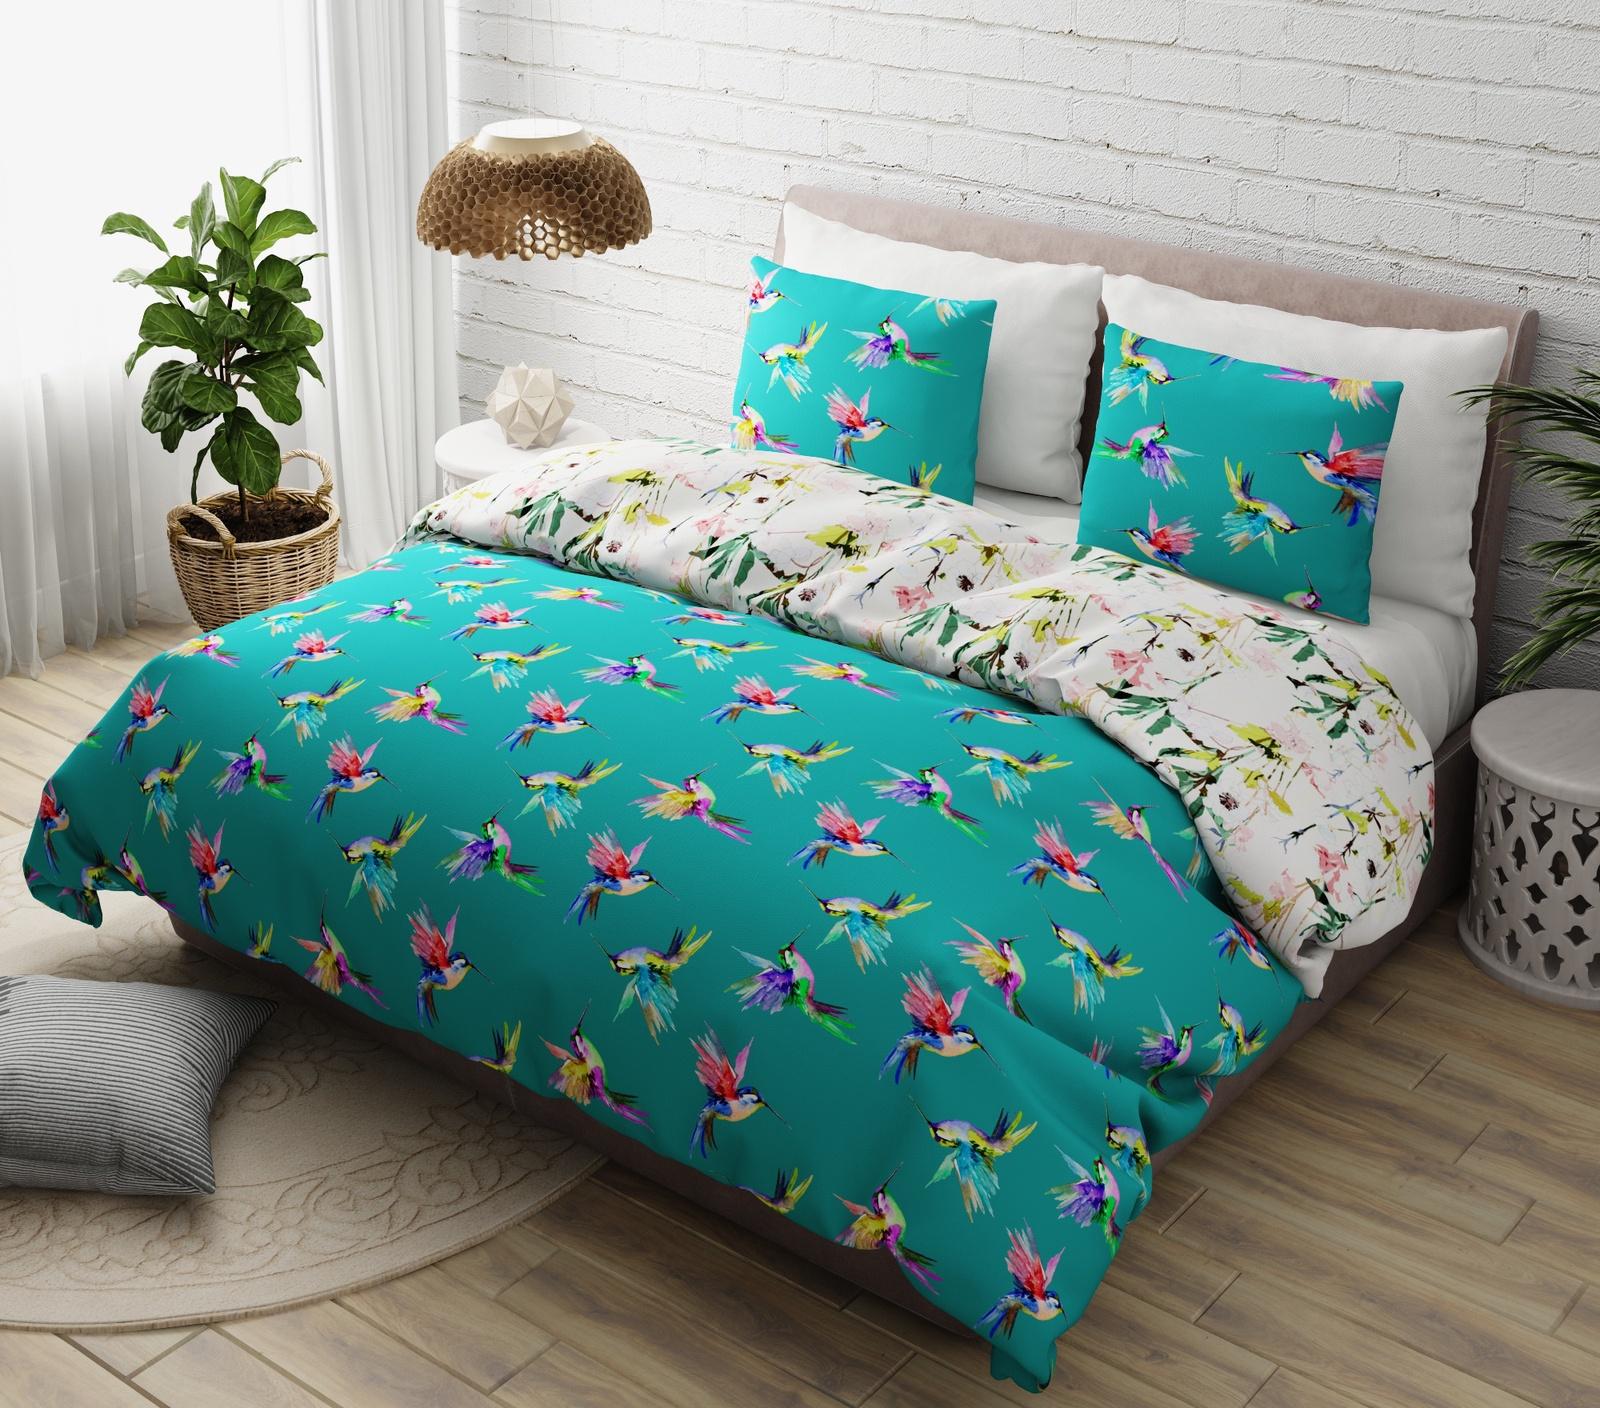 Комплект в кроватку Marengotextile Колибри, зеленый